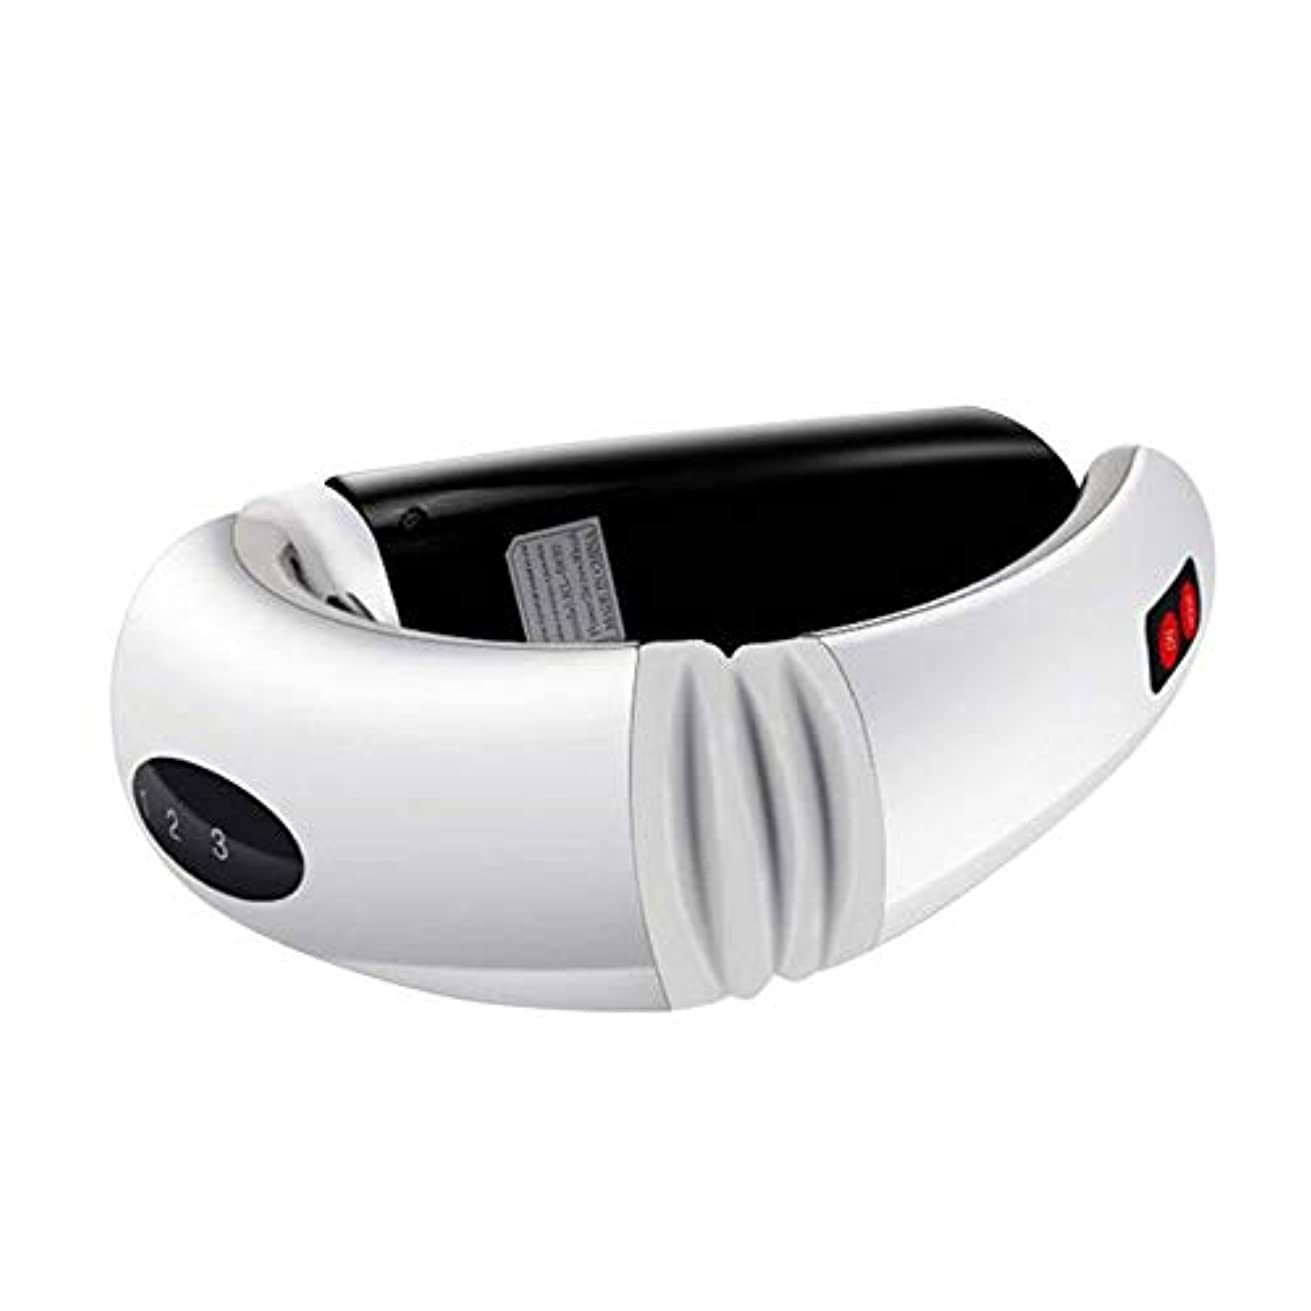 首のマッサージャー電気USB再充電可能な子宮頸マッサージャーは、痛みの痛みの筋肉を取り除く車のオフィスとホームホワイト